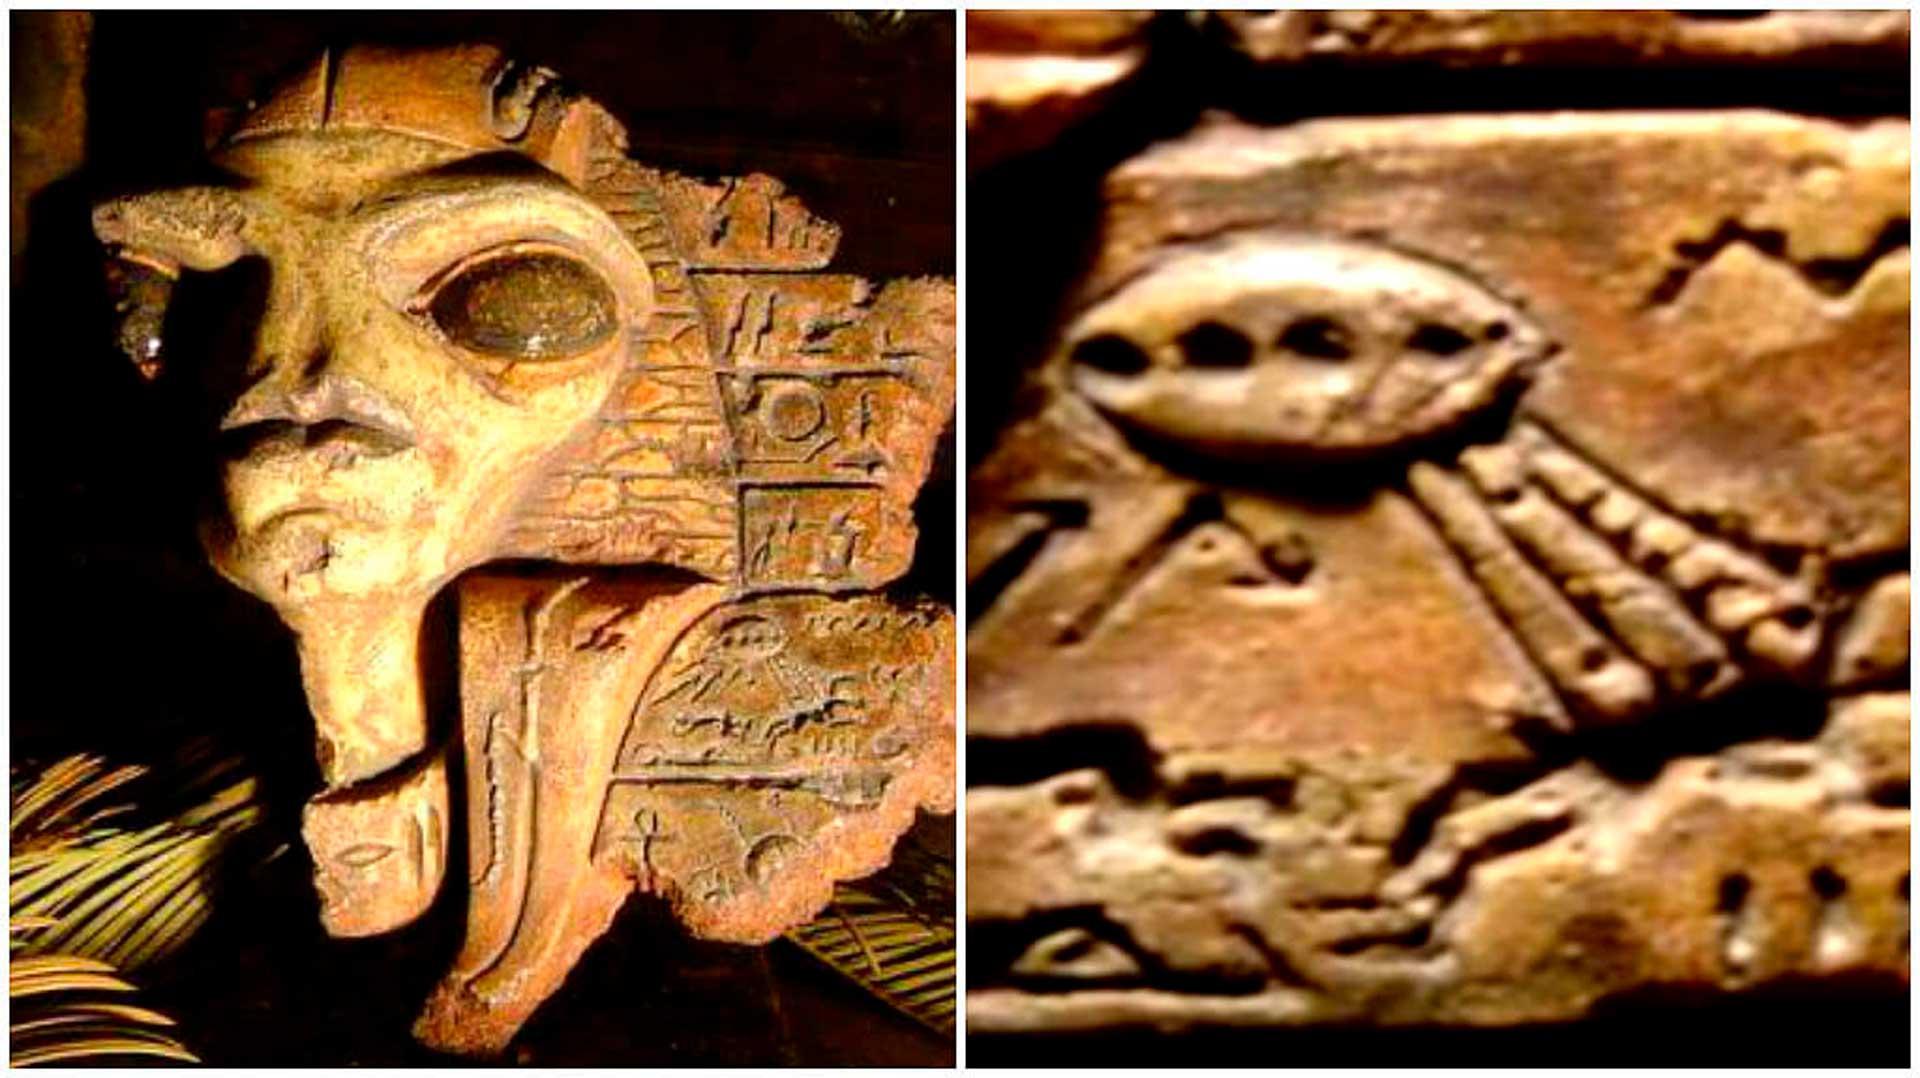 Artefactos extraterrestres ocultos en el museo Rockefeller